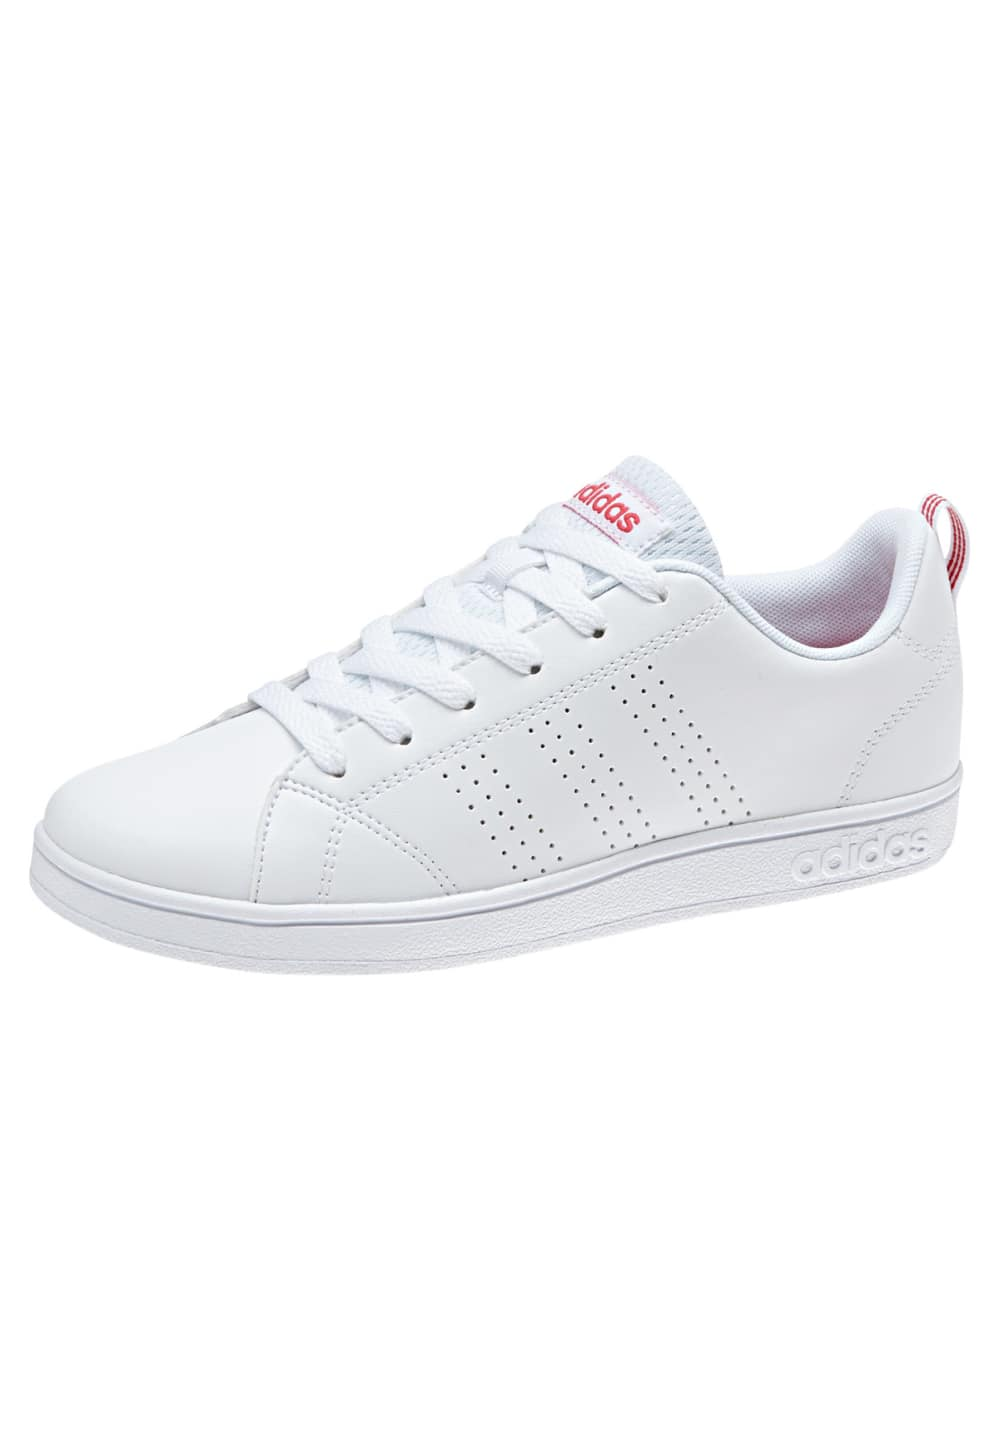 Vs Blanc Cl Neo K Advantage Baskets Adidas shrdtQ